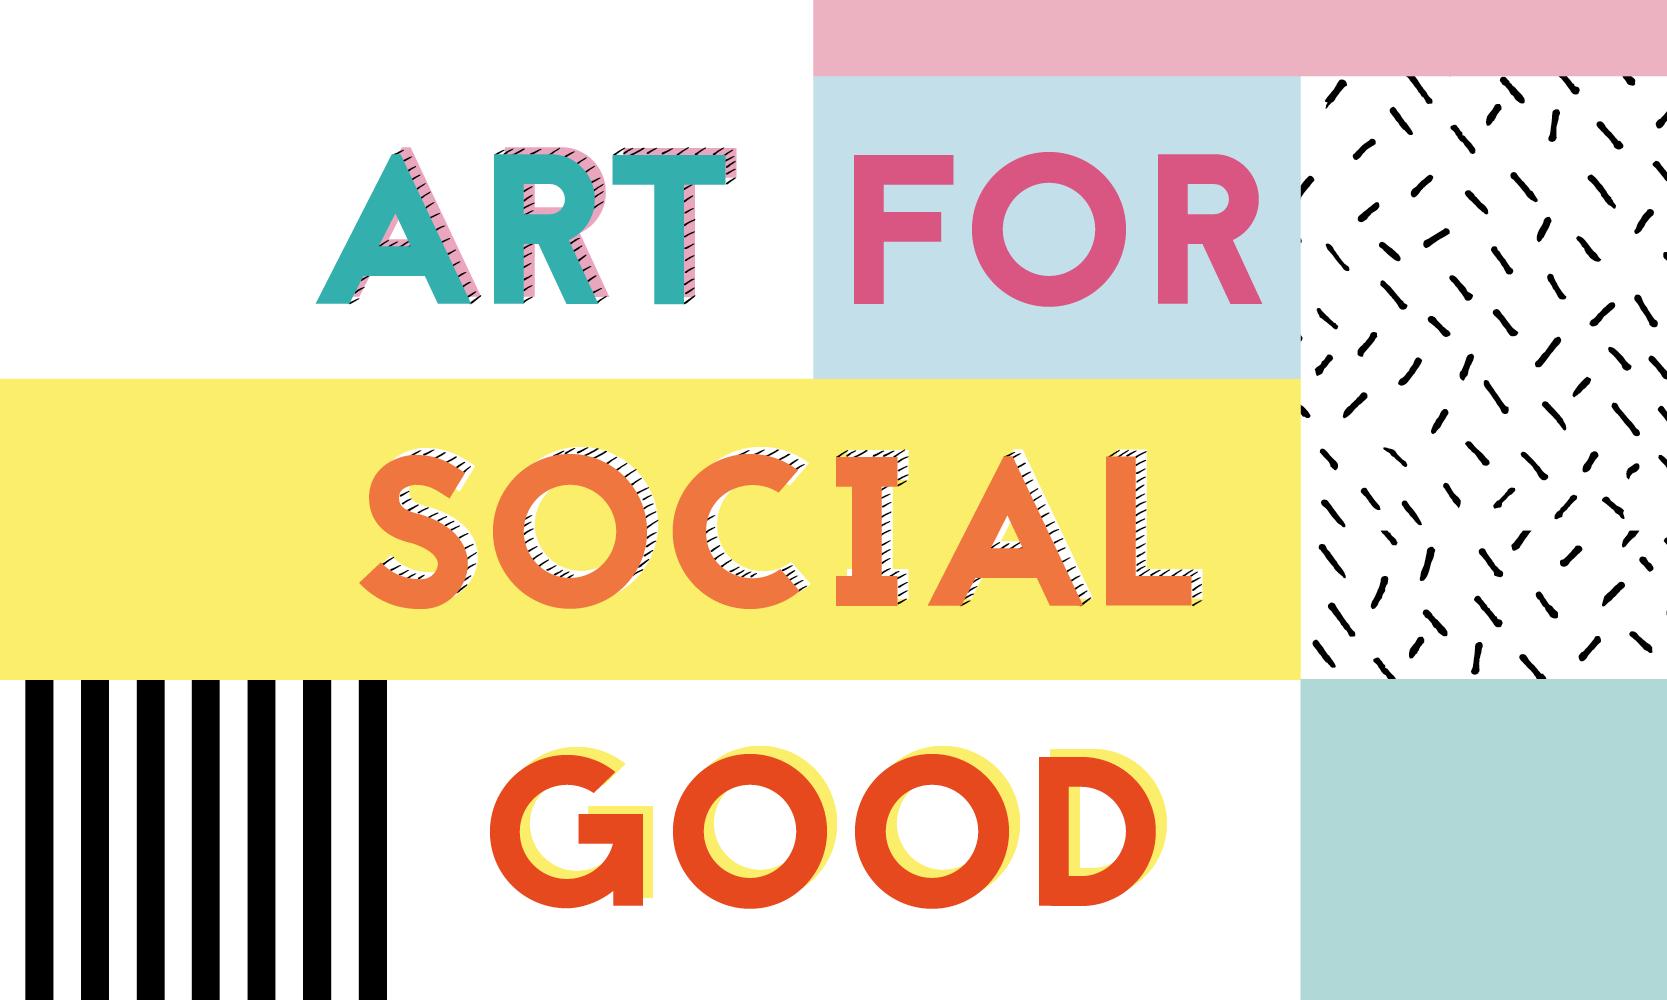 ART FOR SOCIAL GOOD: LOVELY LETTERS